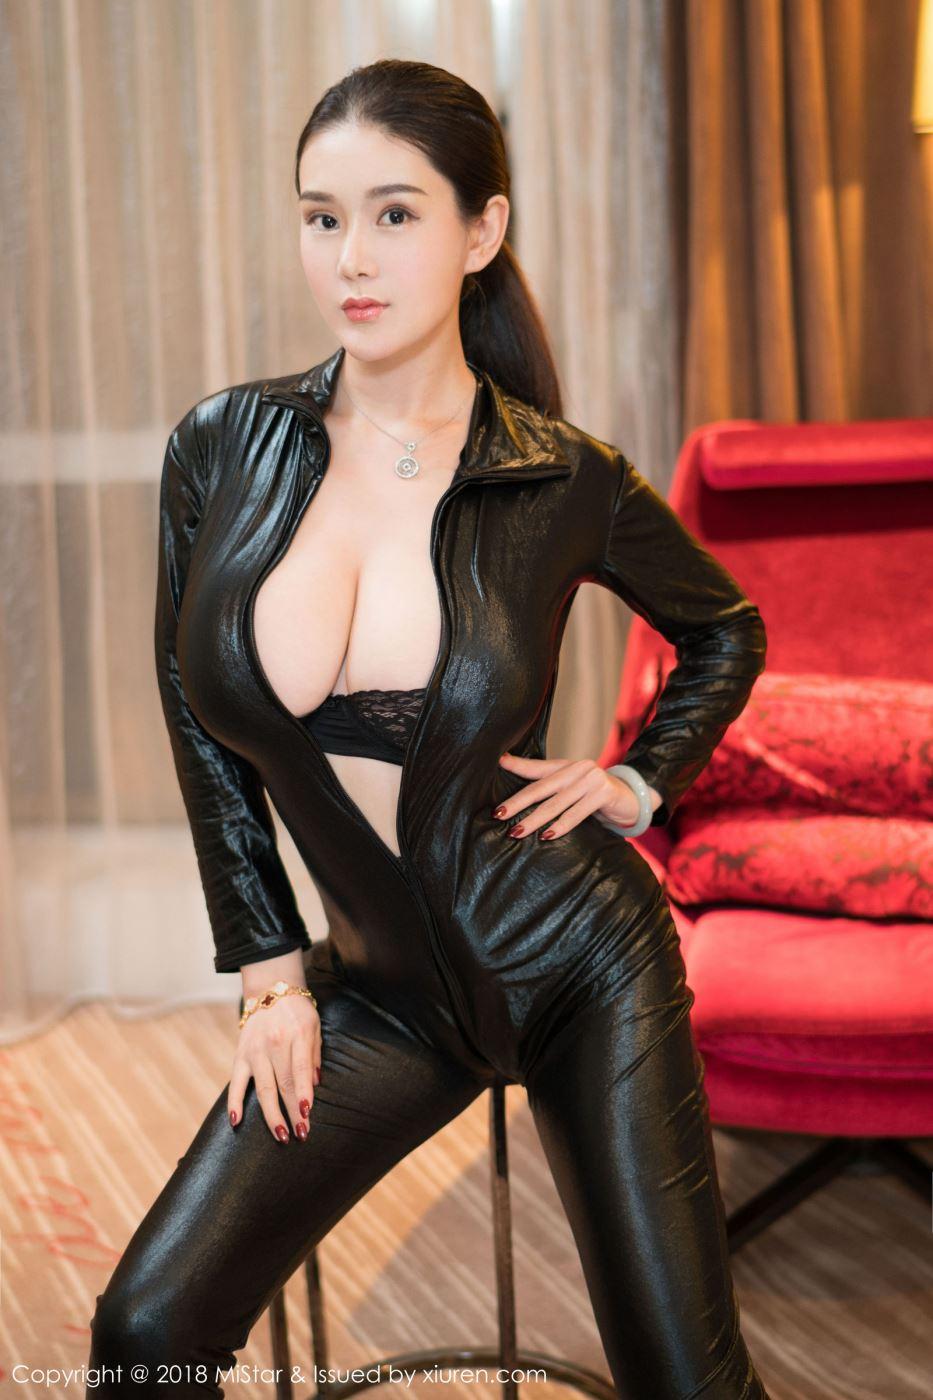 魅妍社尤物易阳Silvia大胸美女性感小皮衣主题系列写真